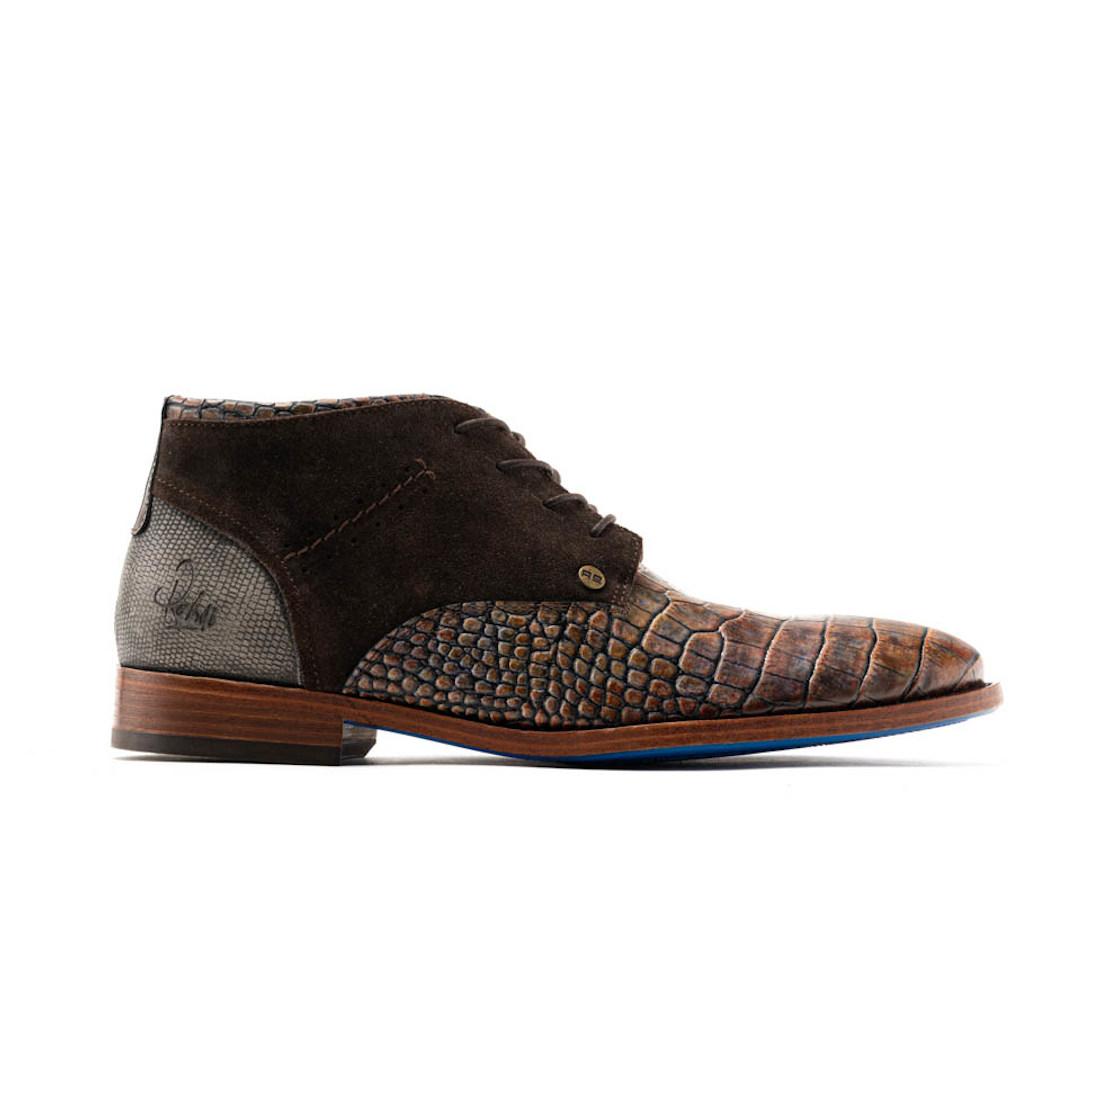 Rehab schoenen salvador-croco in het Bruin